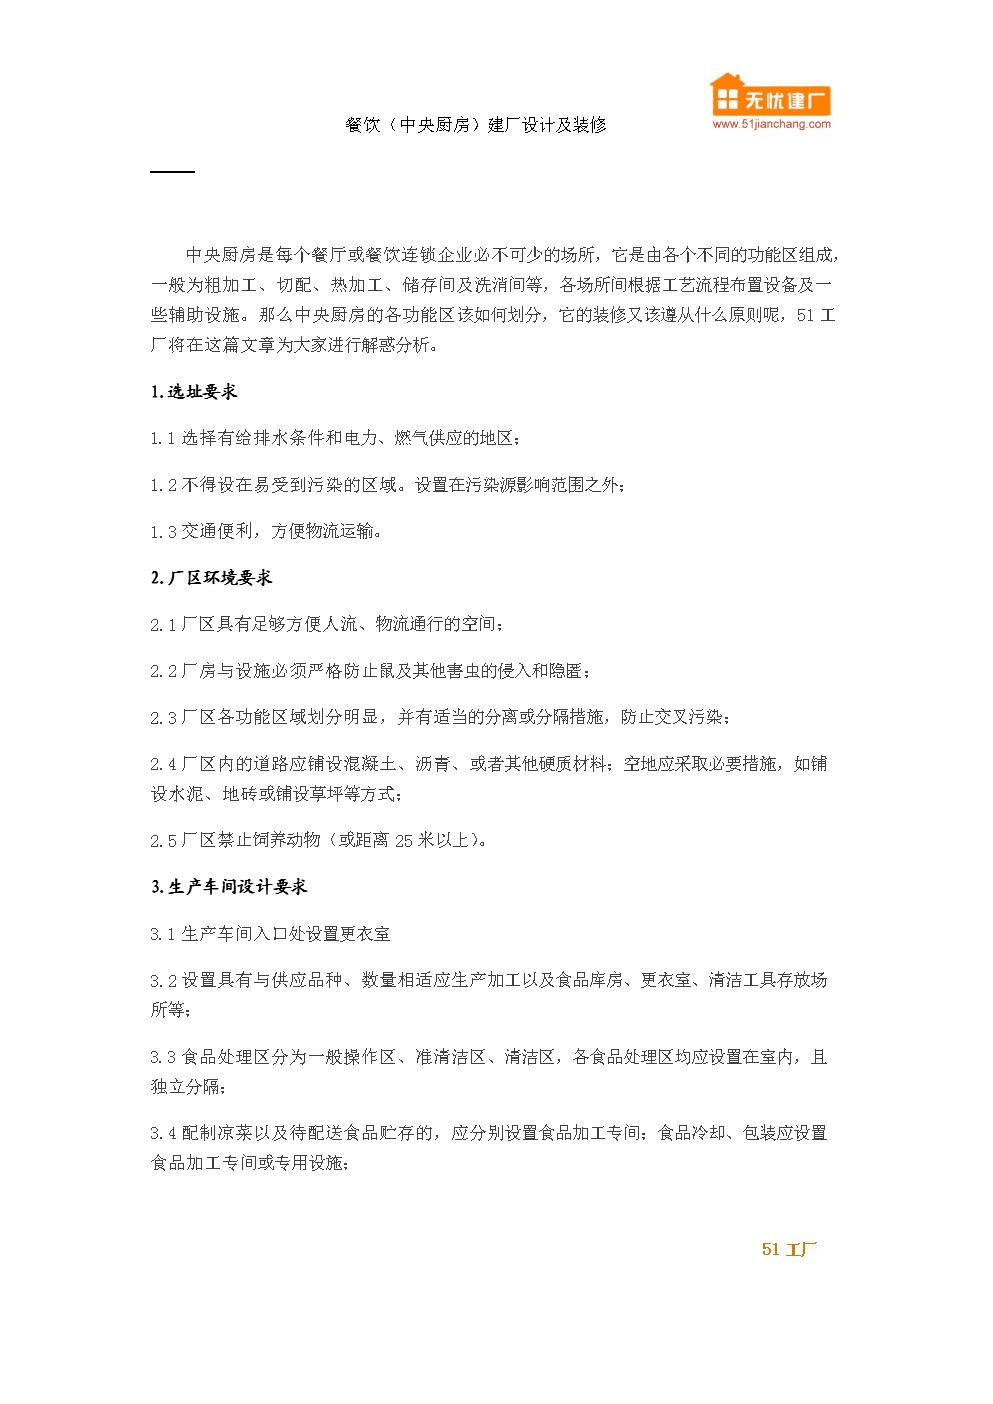 中央厨房文章-2.docx